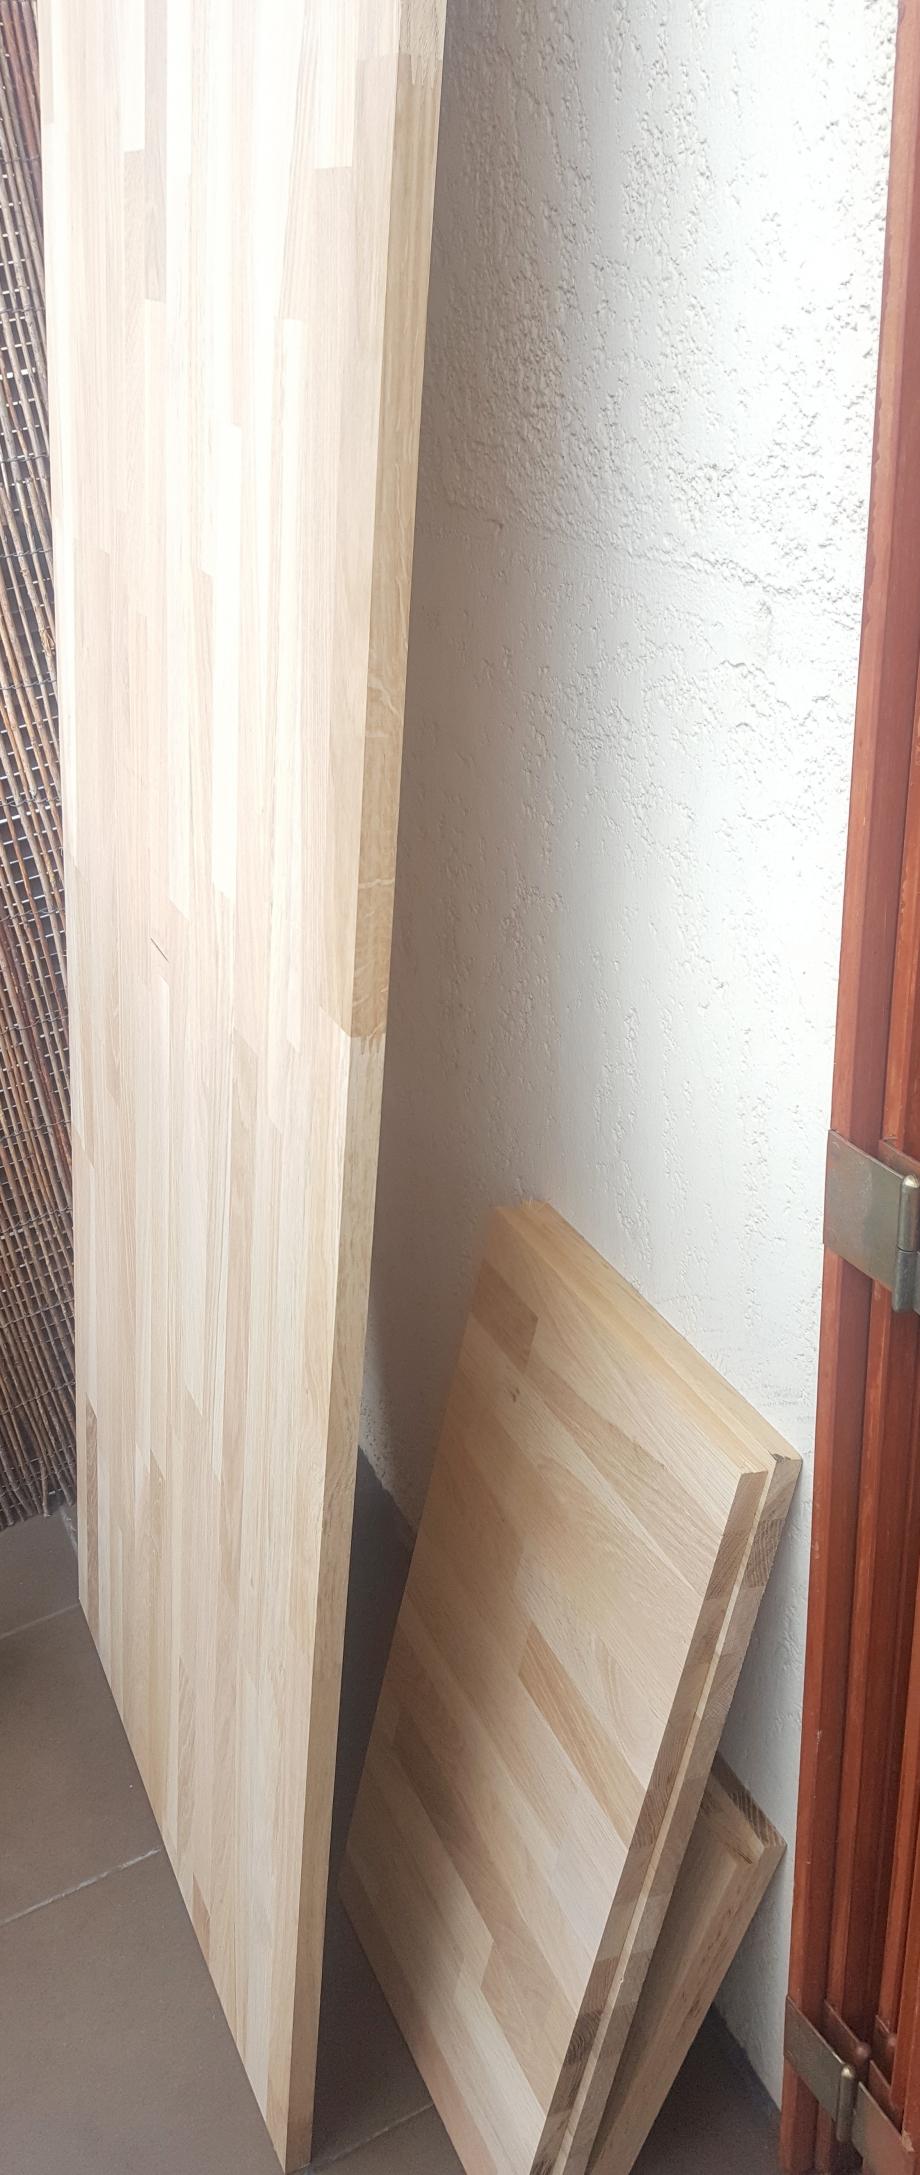 Support mur planches chêne 8 août 17.jpg